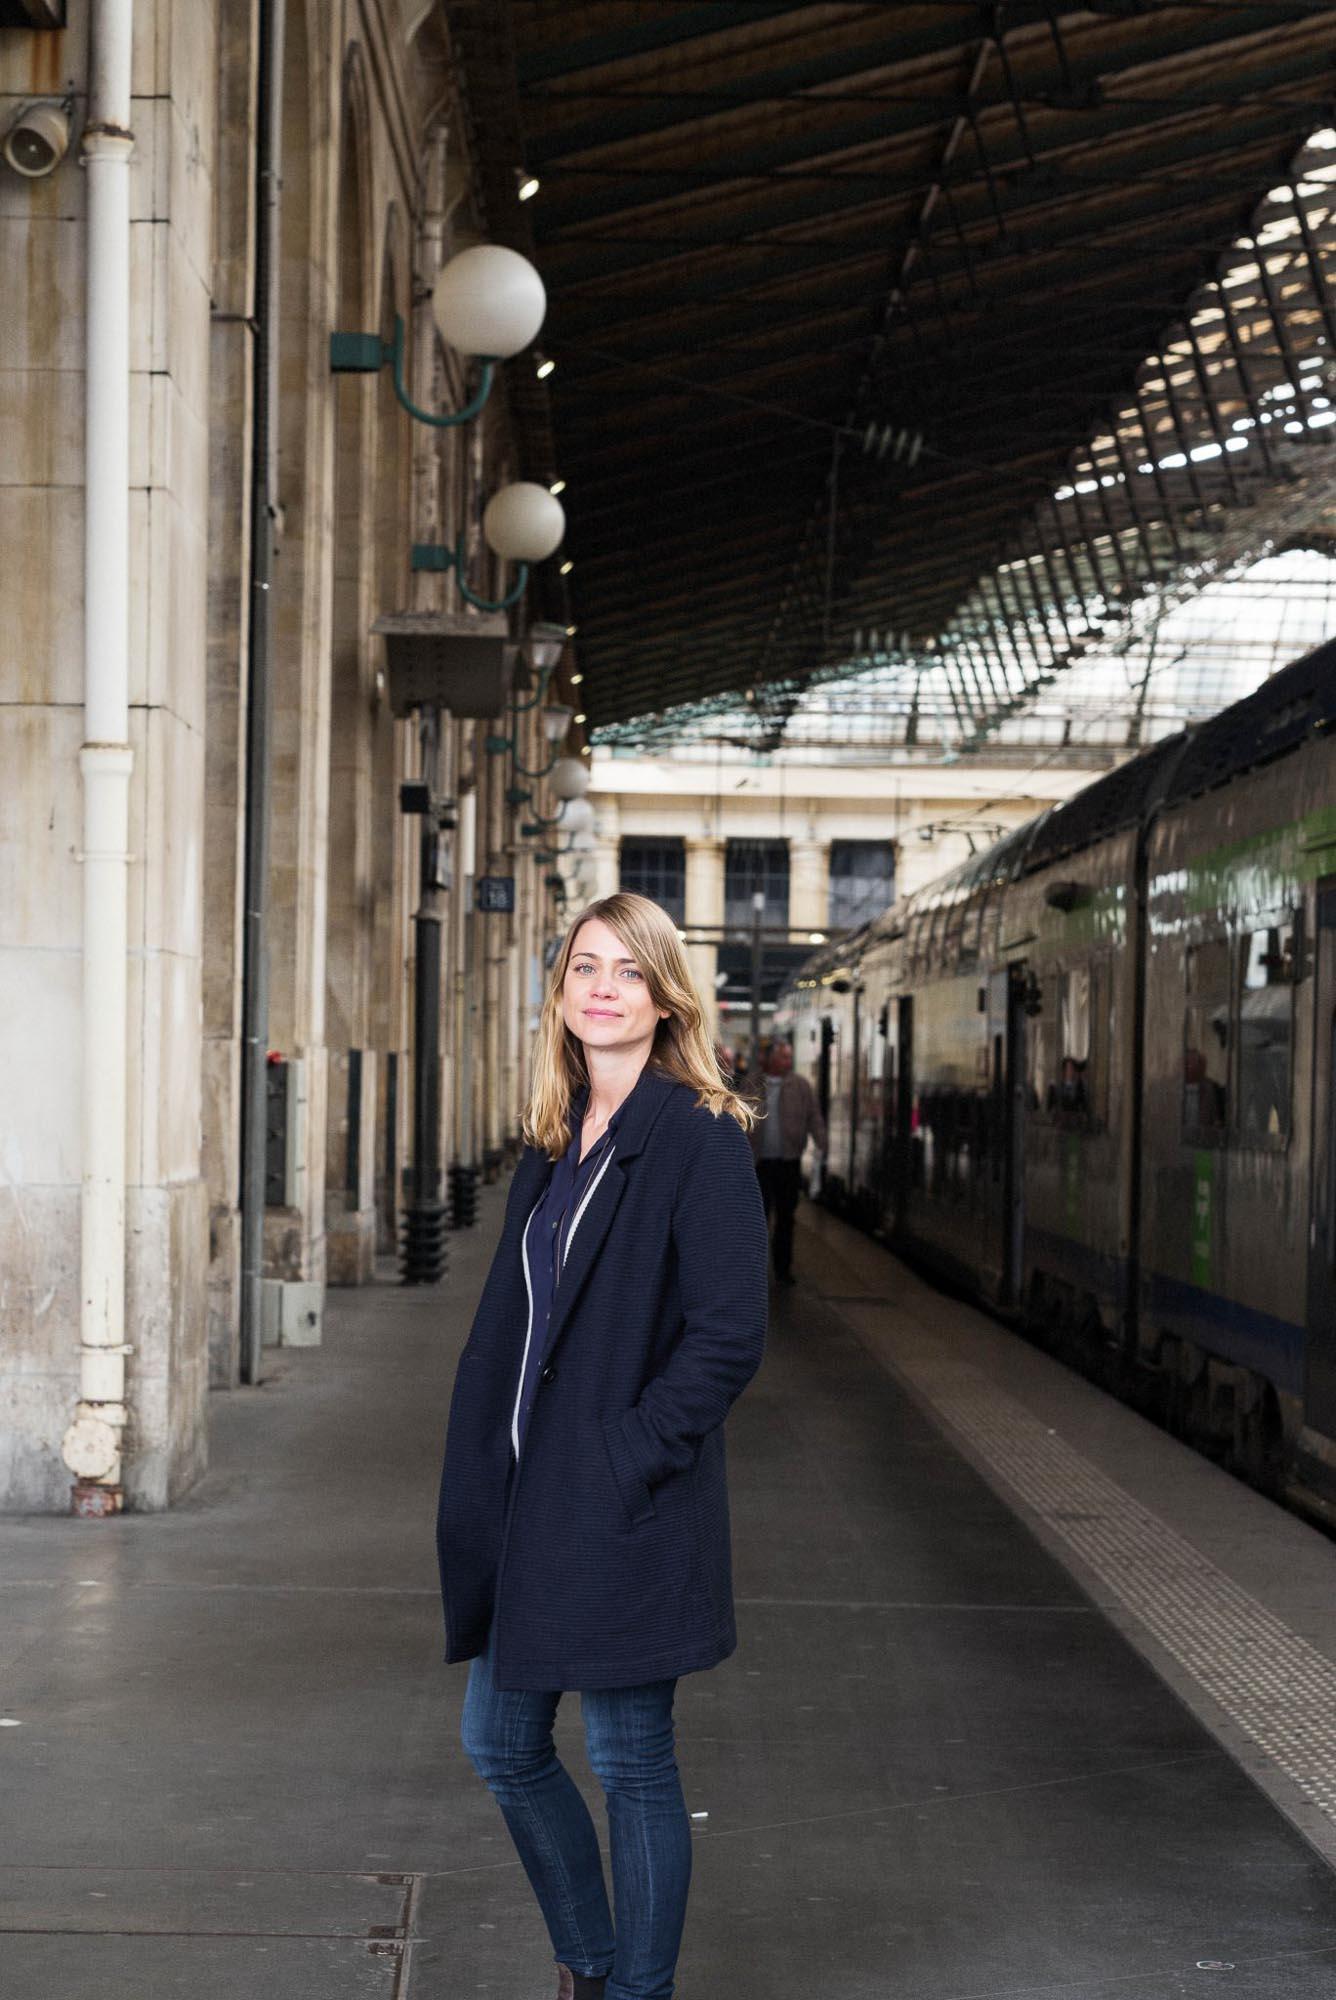 ys corporate portrait en situation, photographe professionnel à Paris, shooting portrait , Portrait en situation